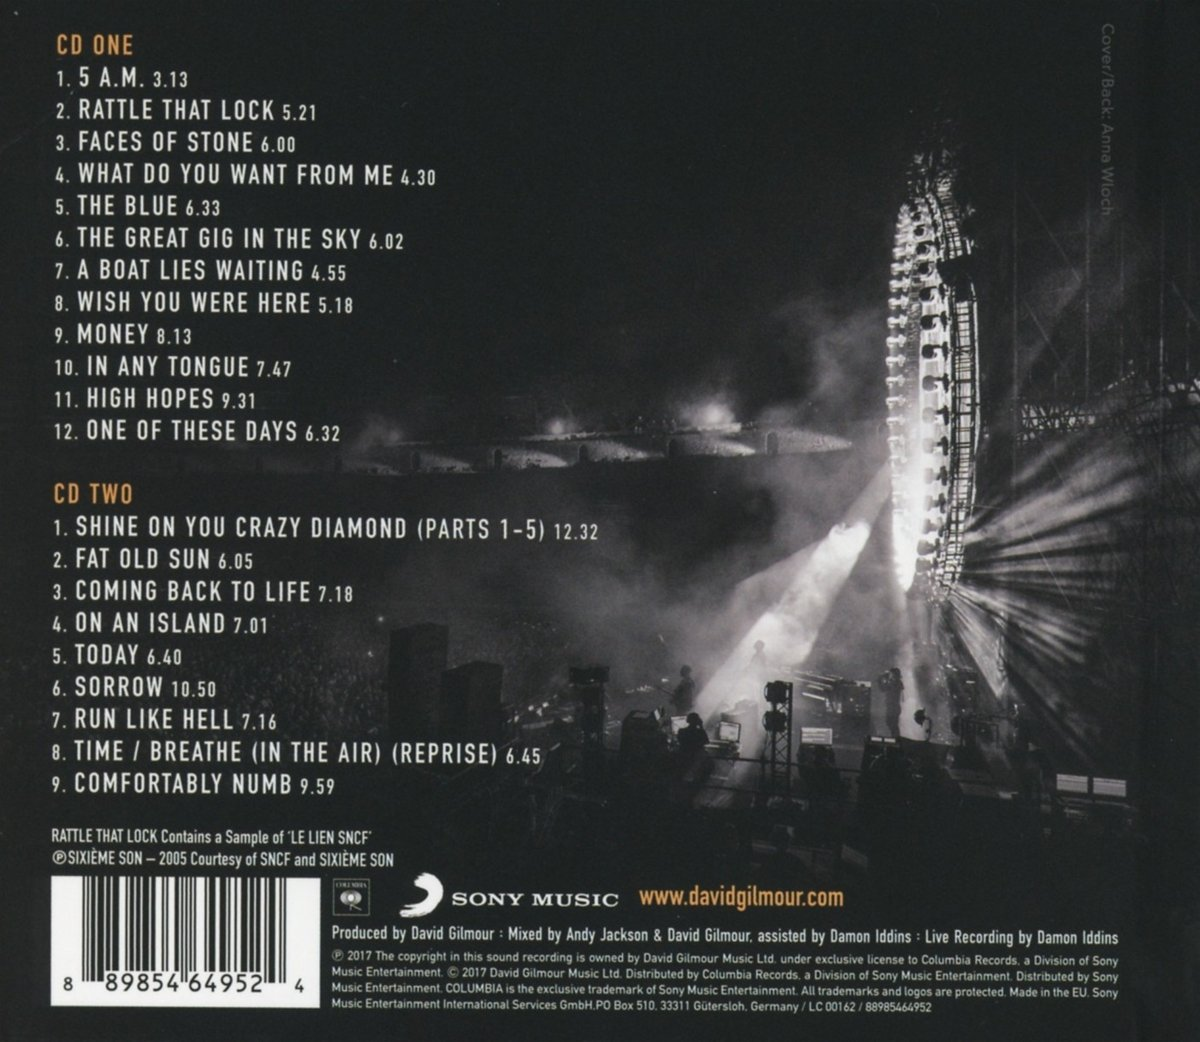 Quelle est votre dernière acquisition CD/DVD? - Page 28 71qatbJAVmL._SL1200_